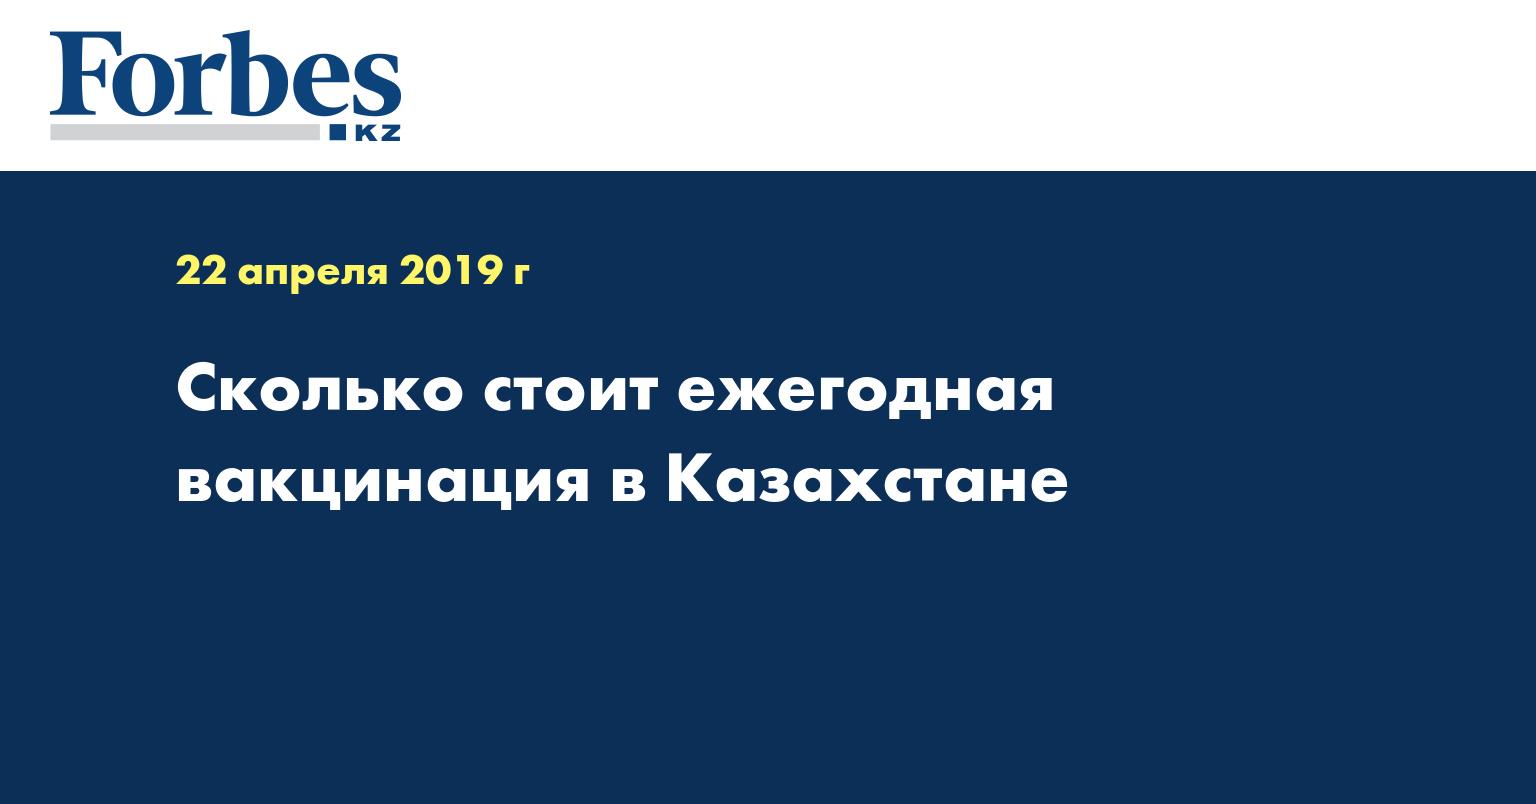 Сколько стоит ежегодная вакцинация в Казахстане